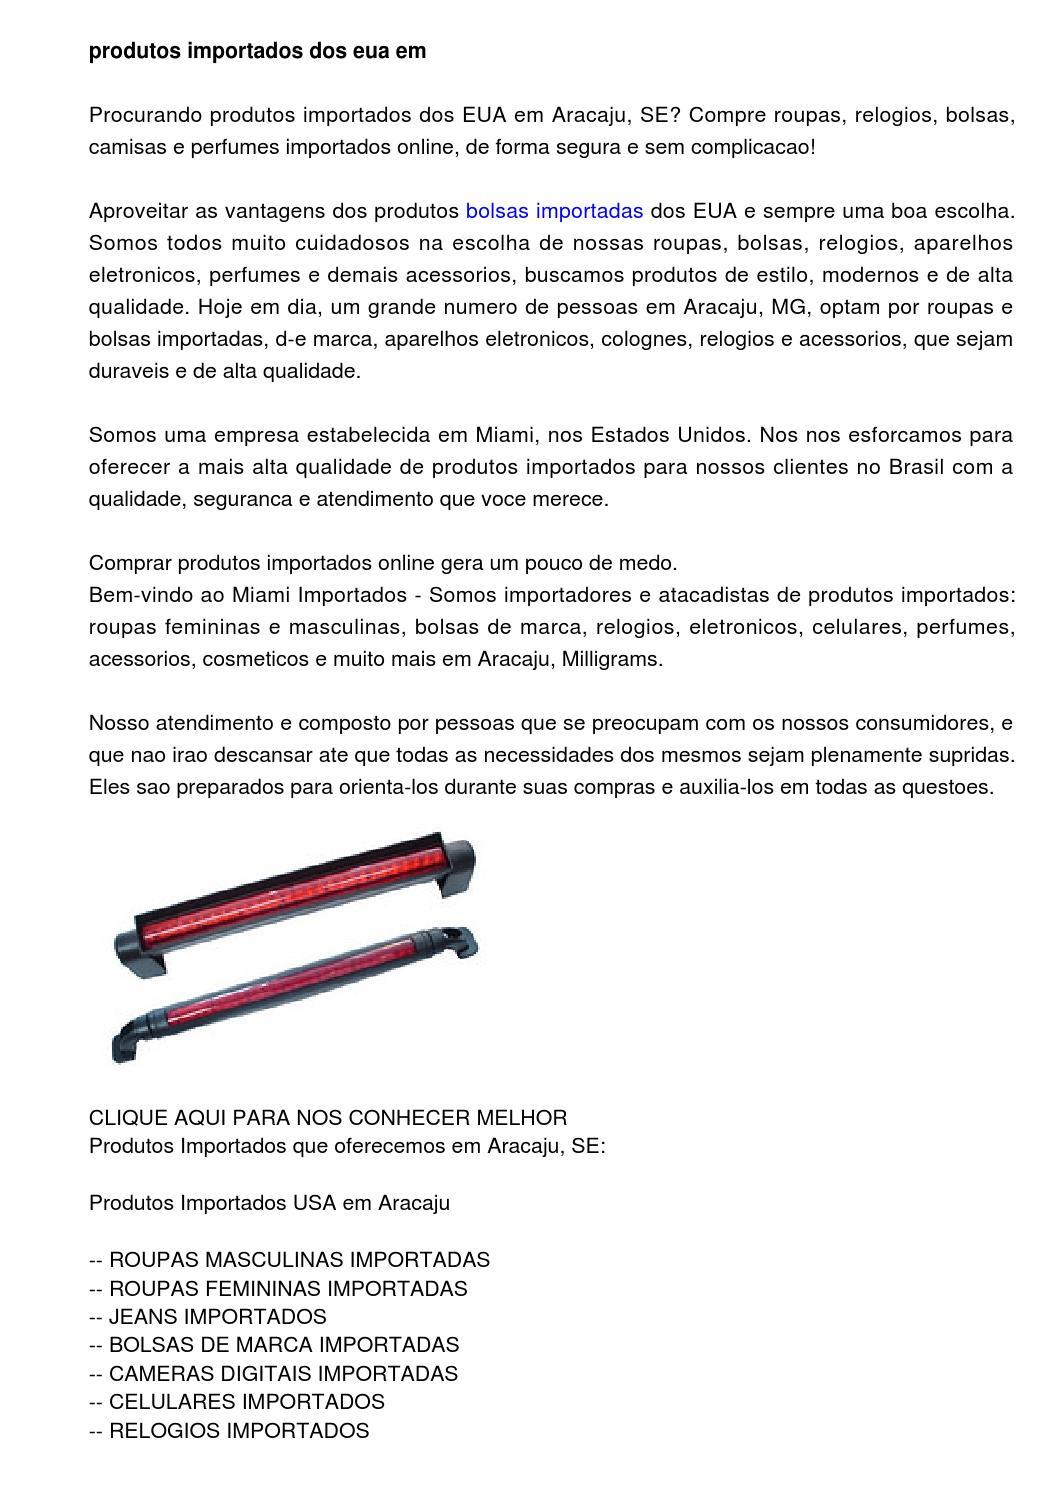 2ac6e9cdf Produtos Importados dos EUA em Aracaju, SE by Columbus Mandigo - issuu